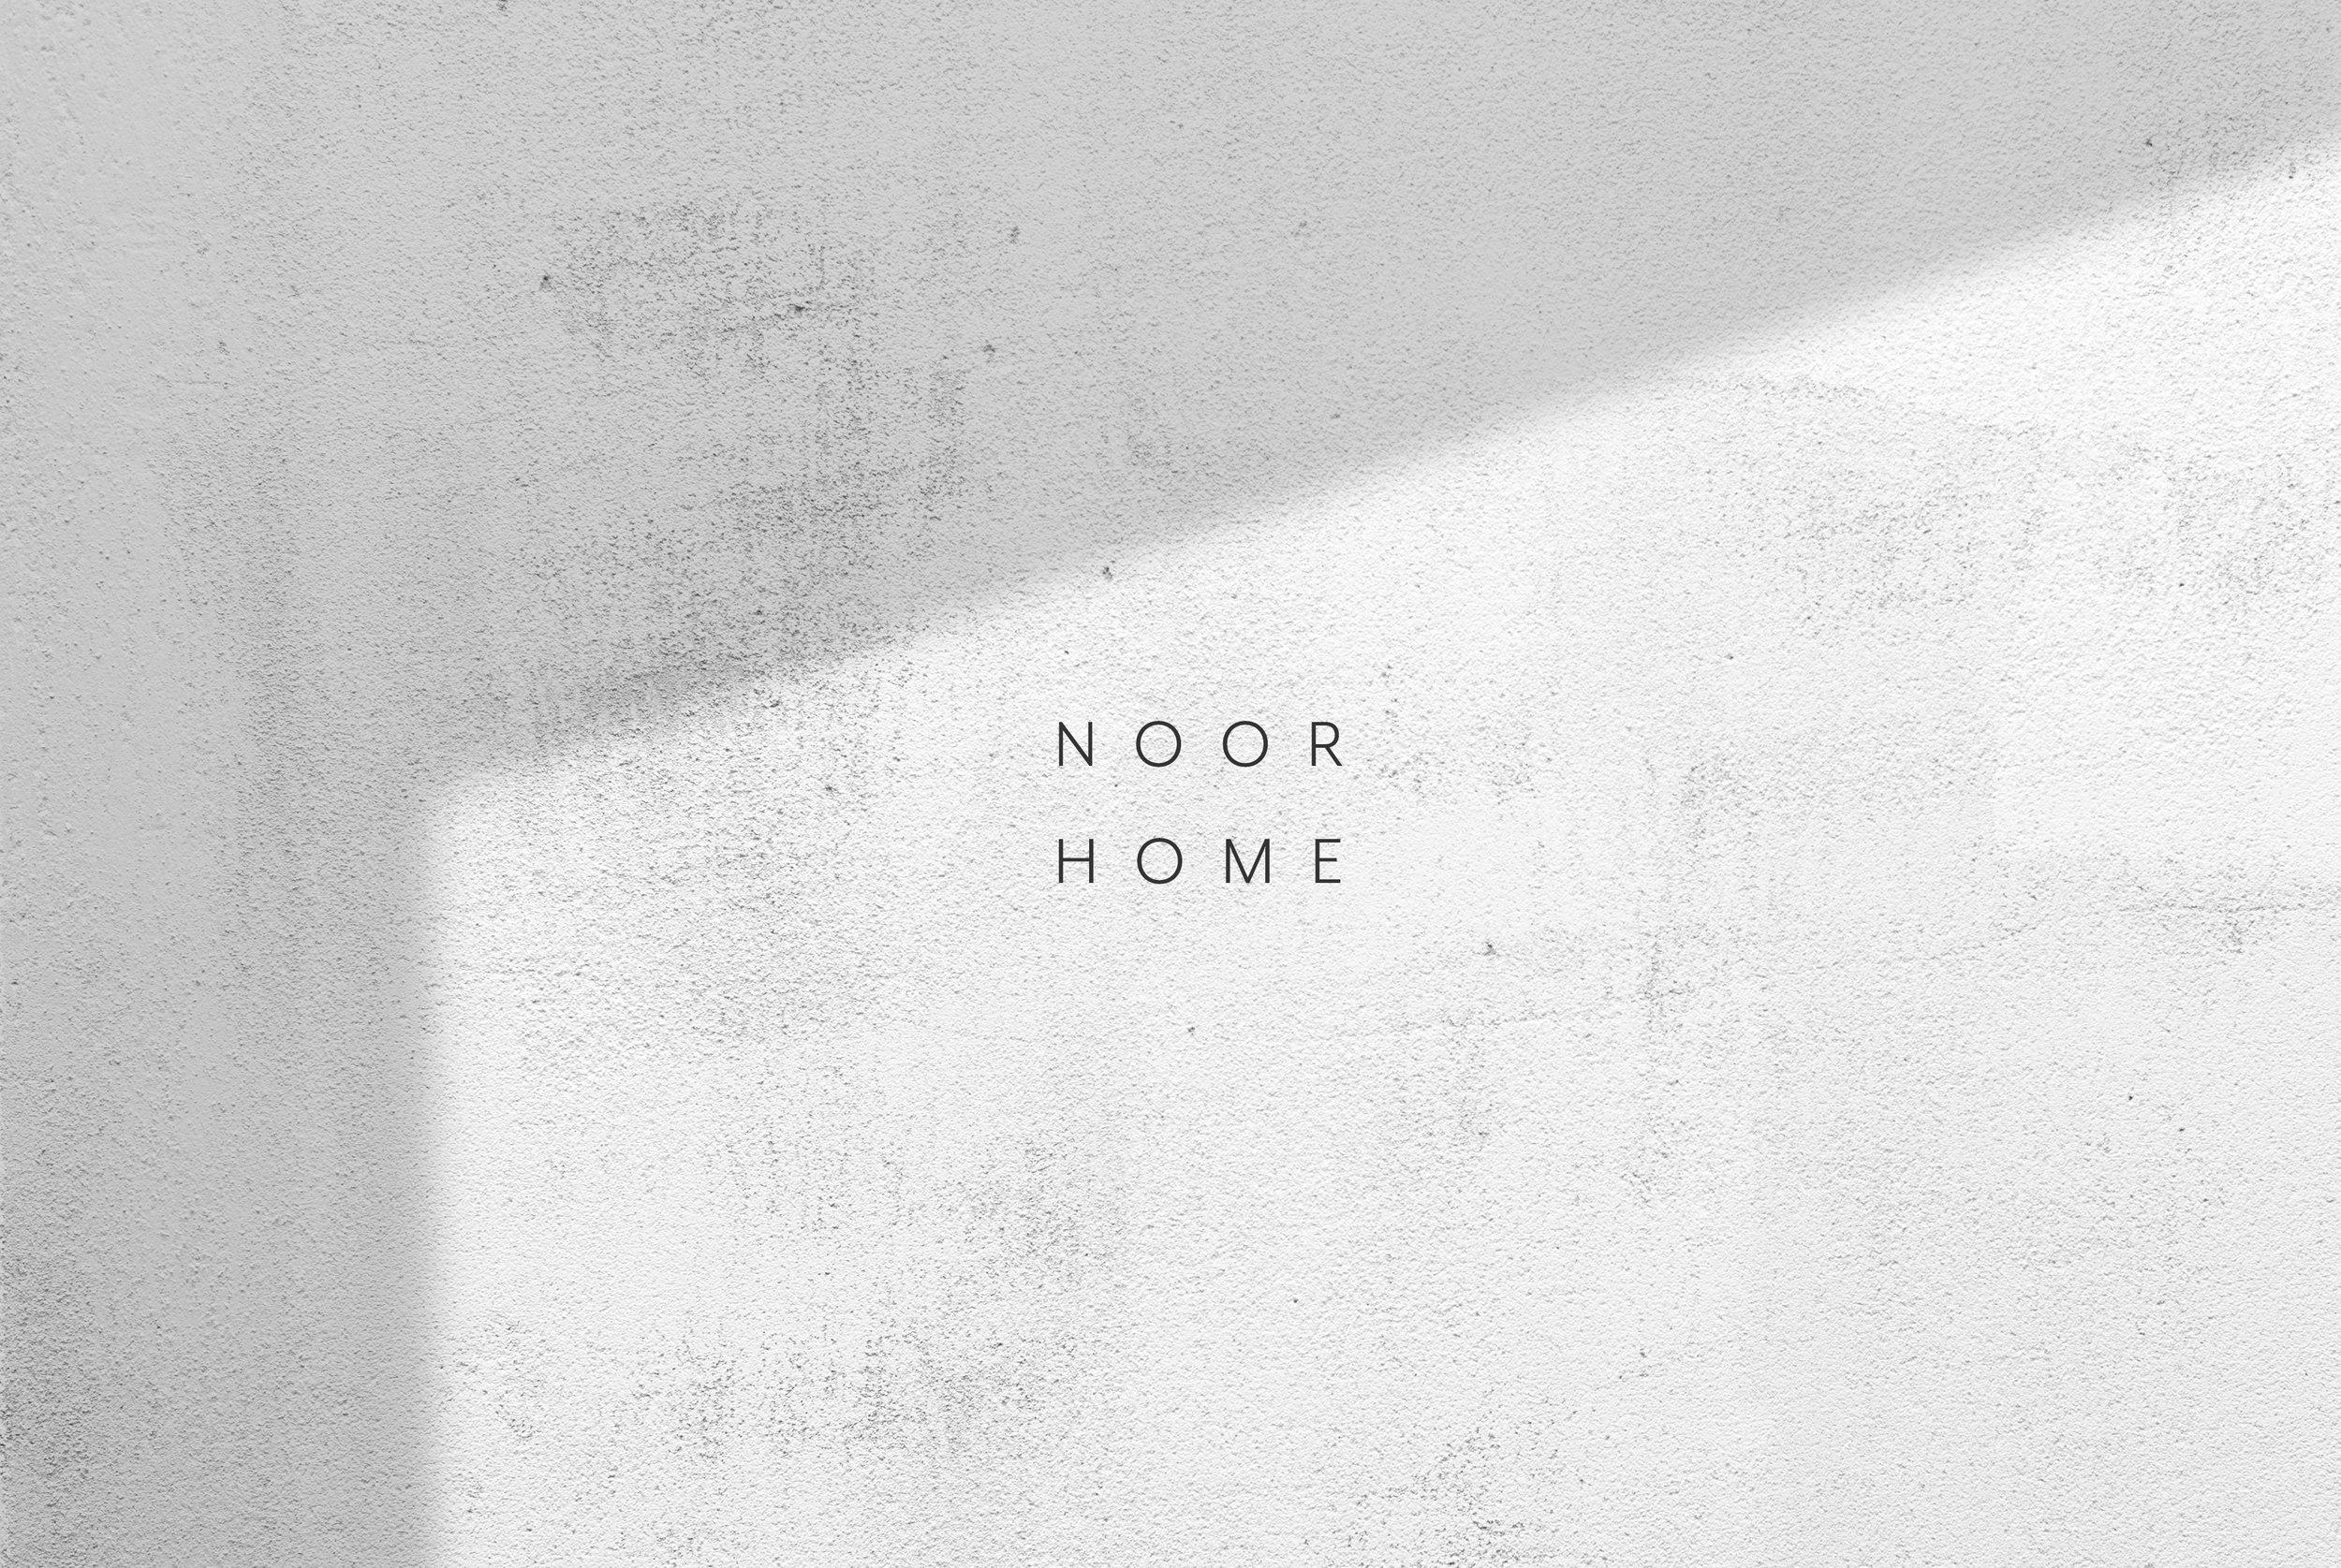 NoorLogoSample.jpg